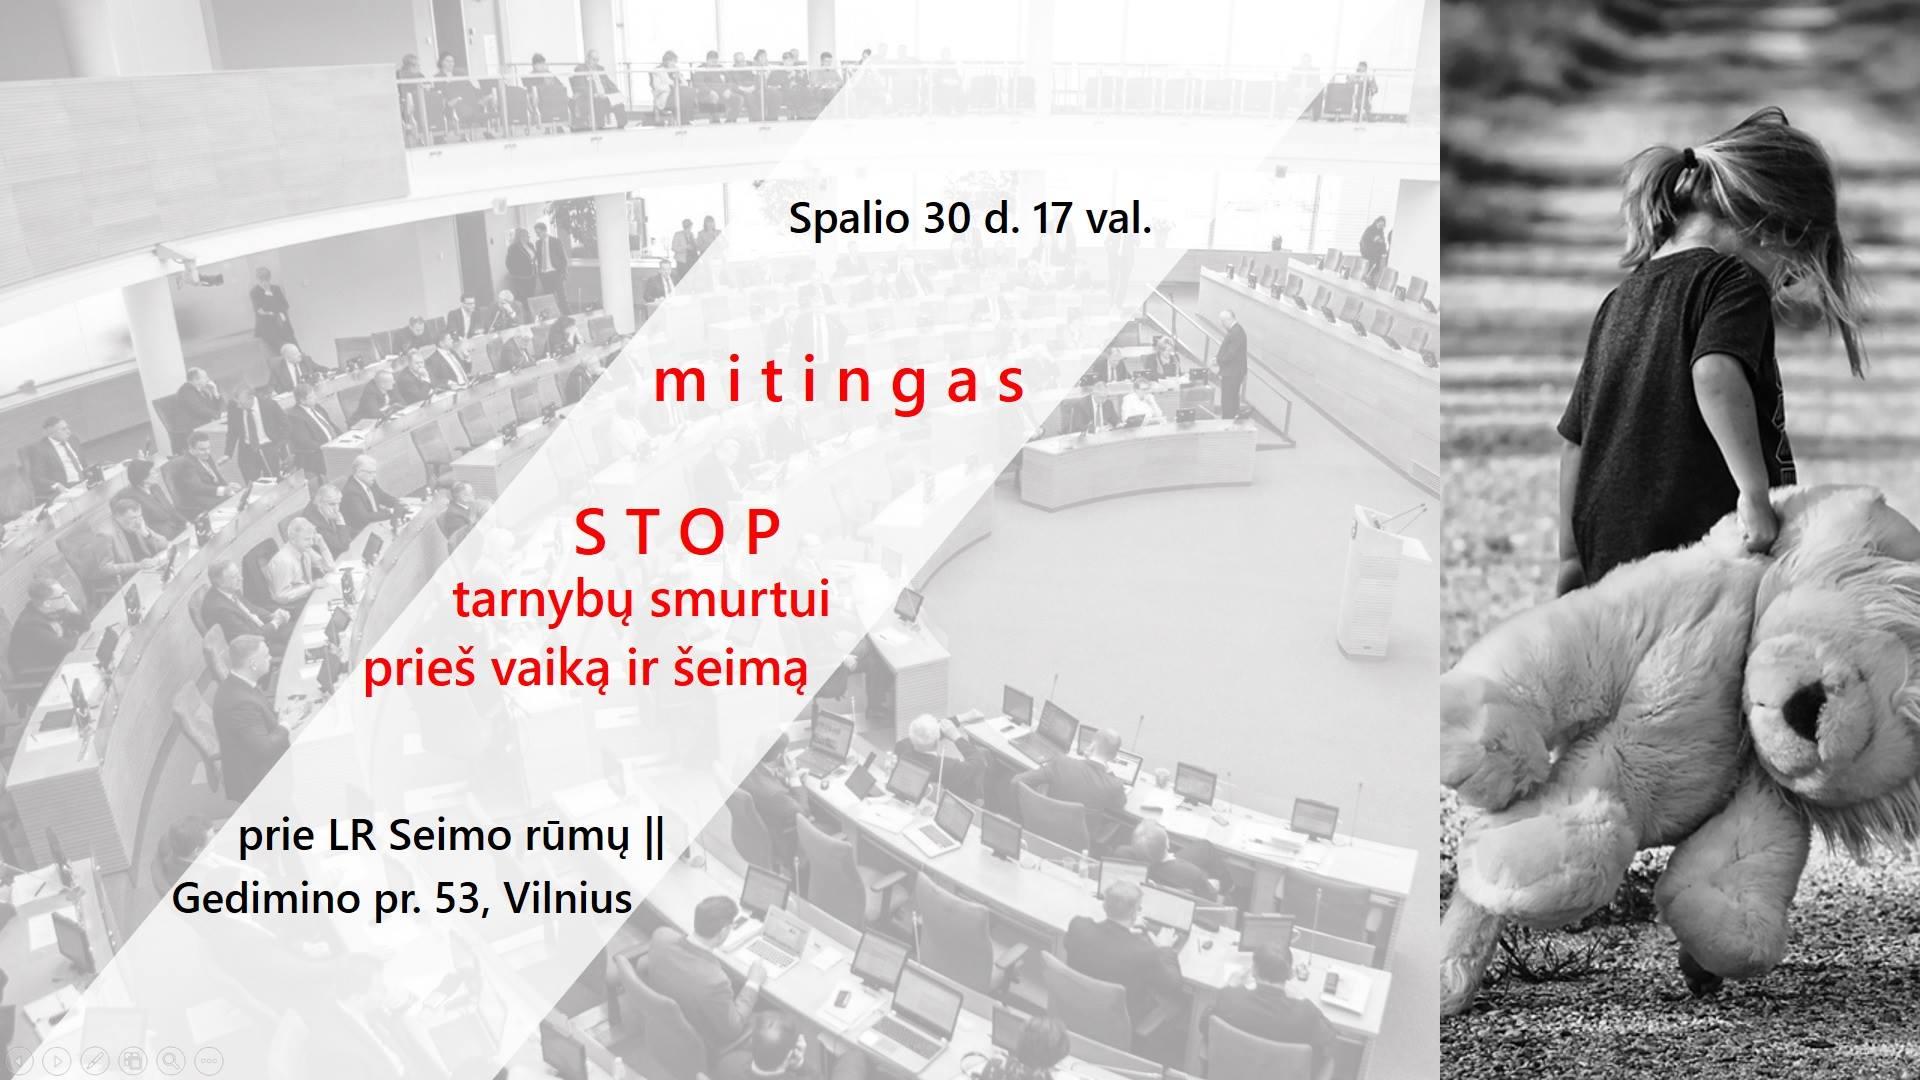 Stop smurtui